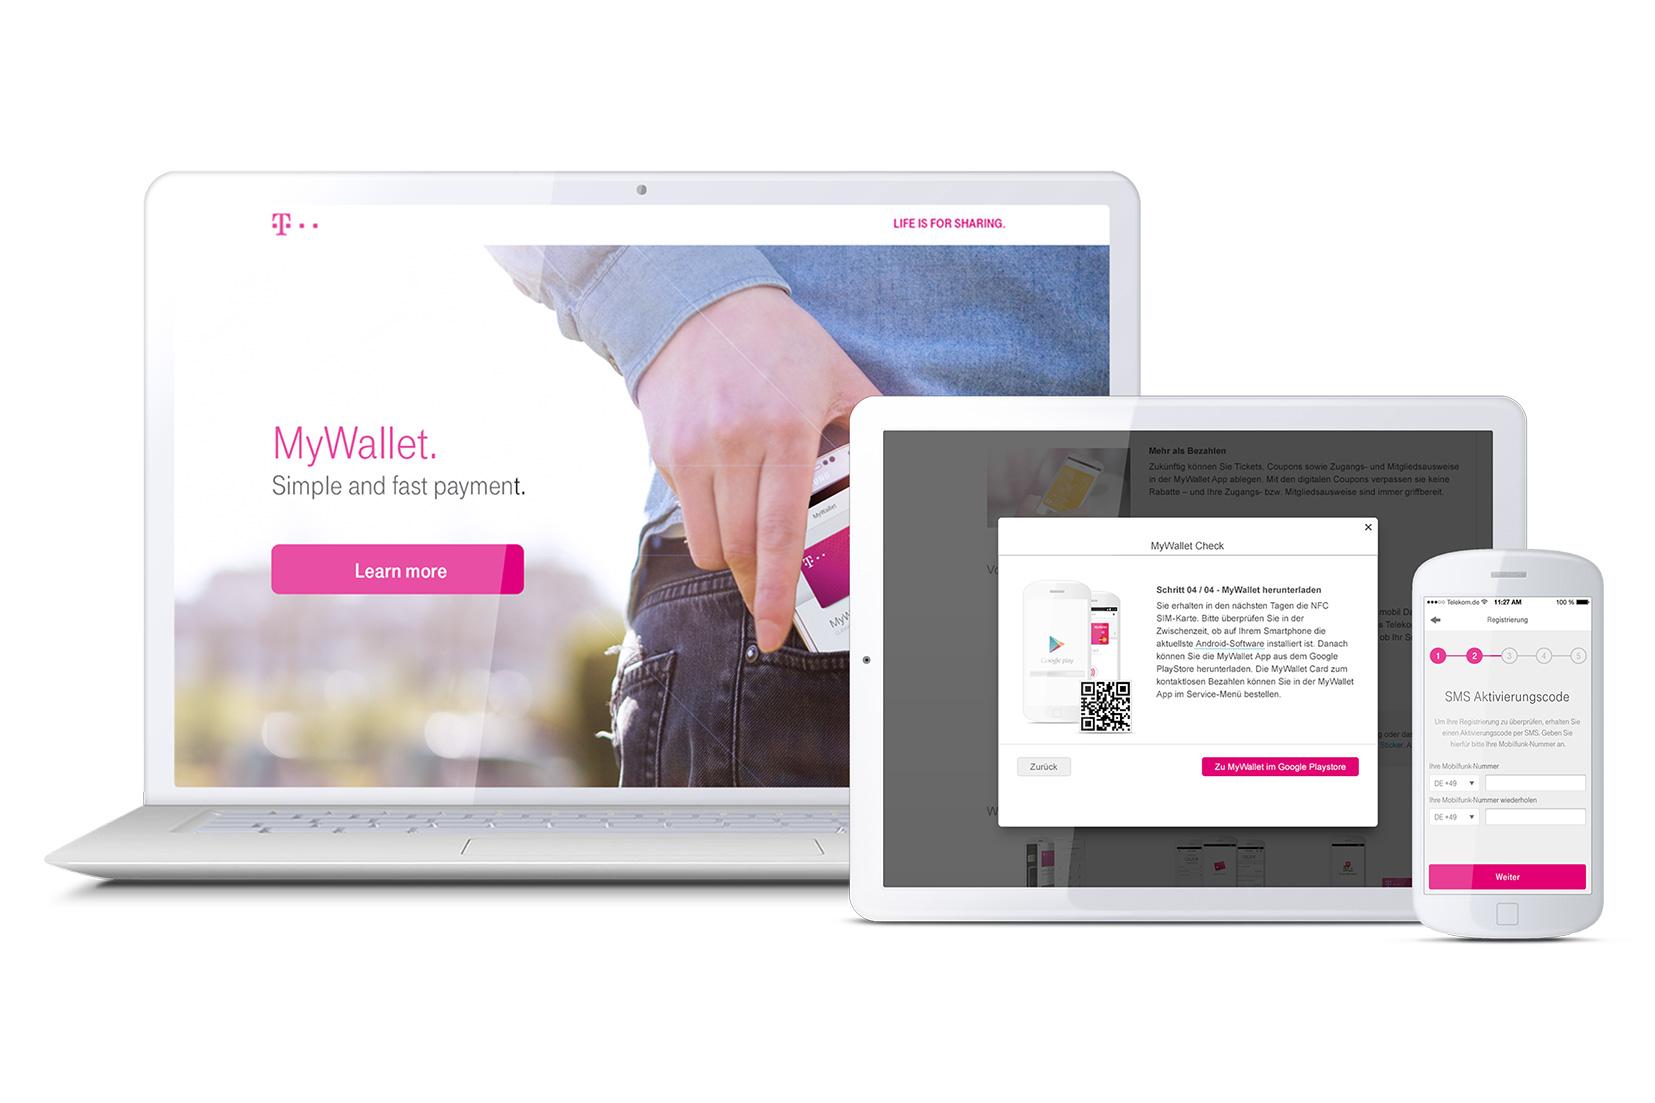 Deutsche Telekom MyWallet